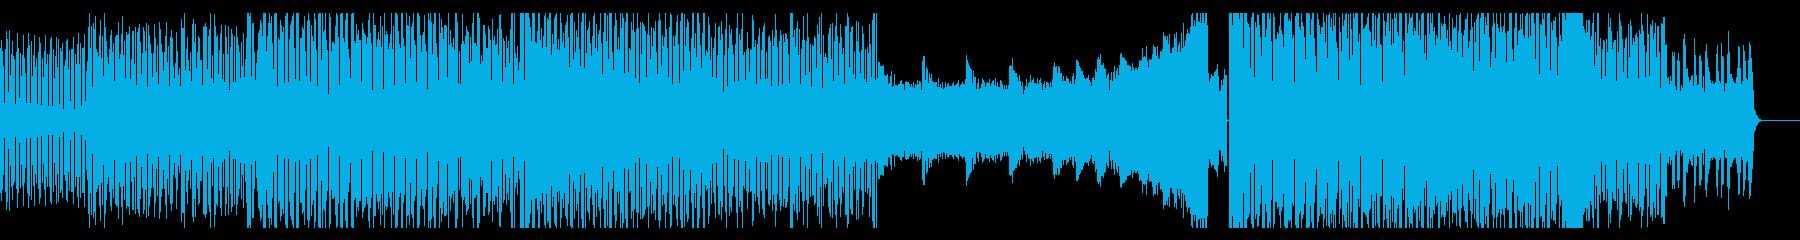 かっこよくてノれる四つ打ち曲の再生済みの波形